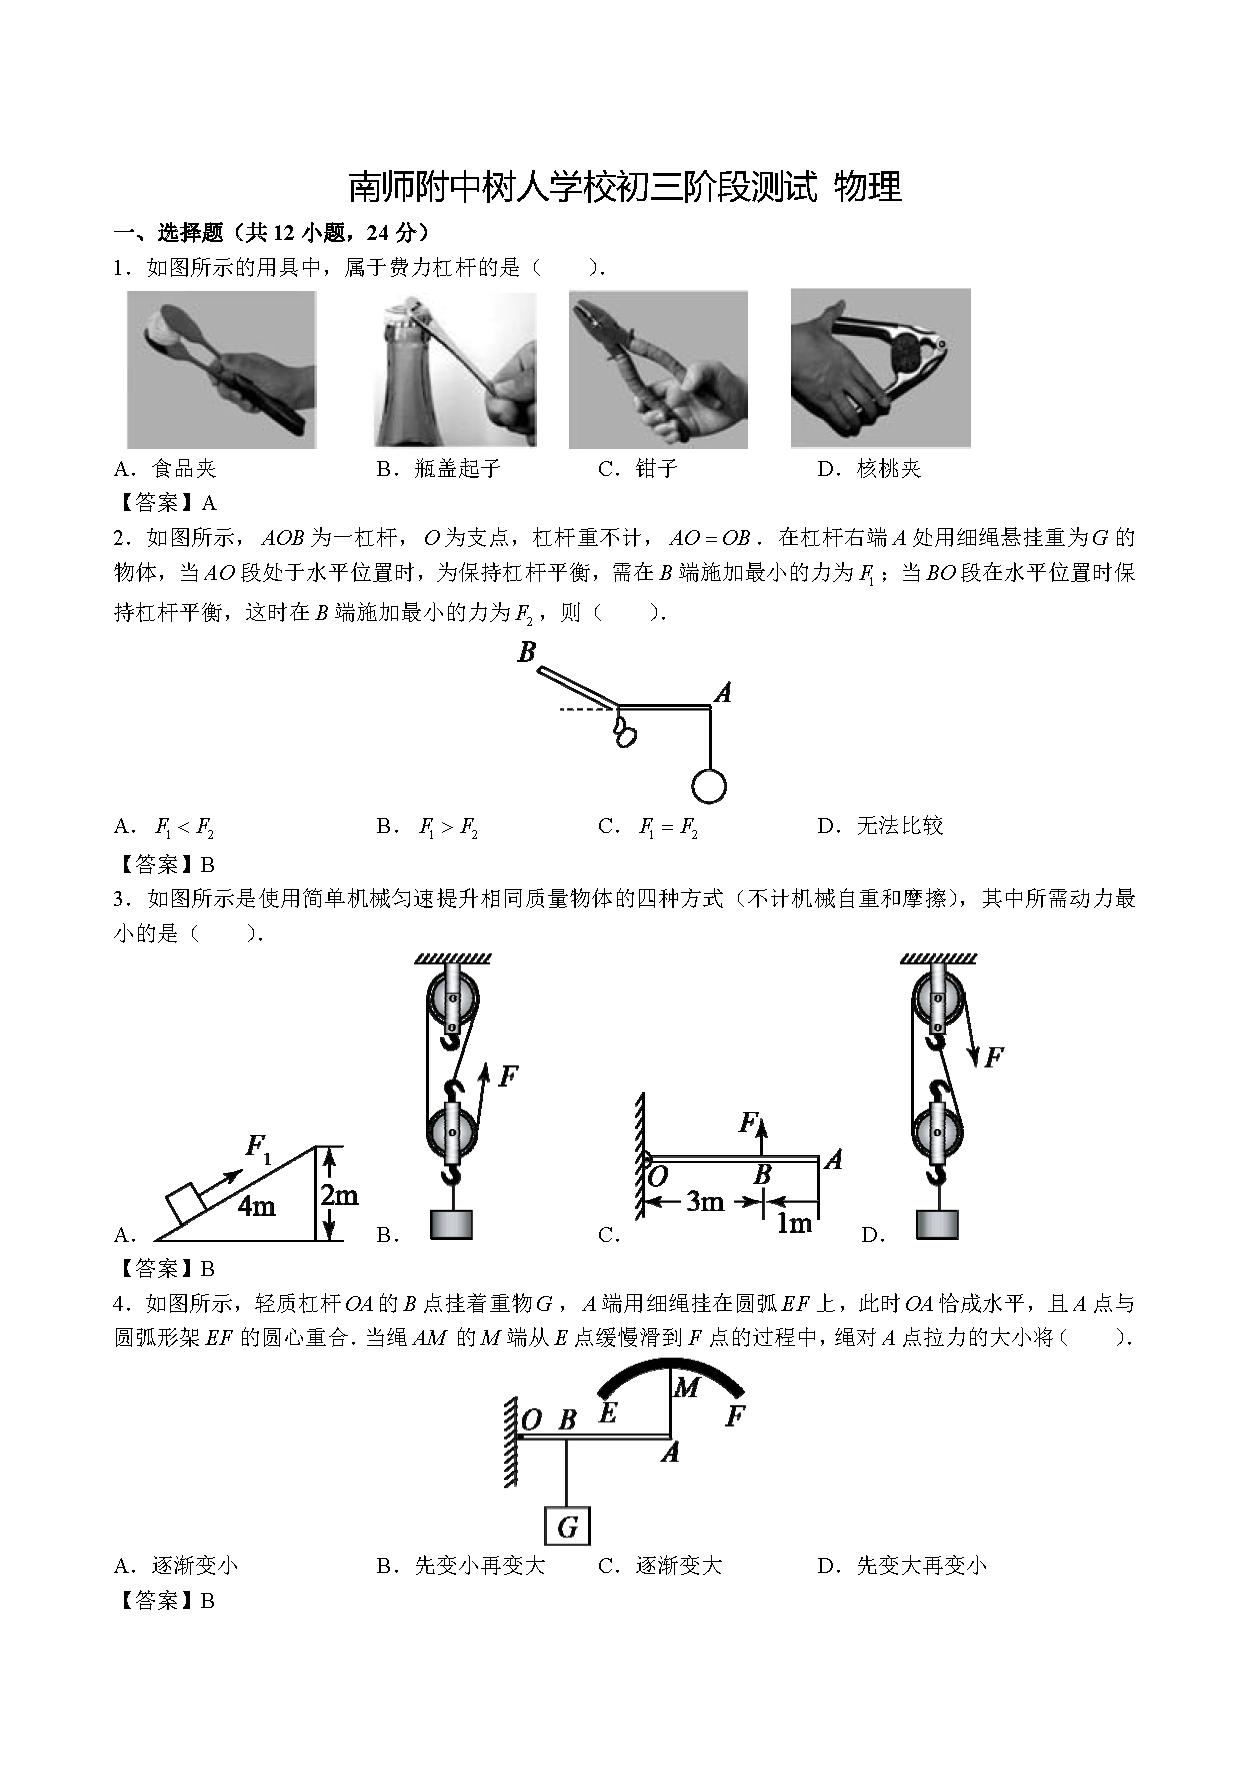 江苏南京鼓楼树人学校2017九年级上第一次月考物理试题及答案(图片版)